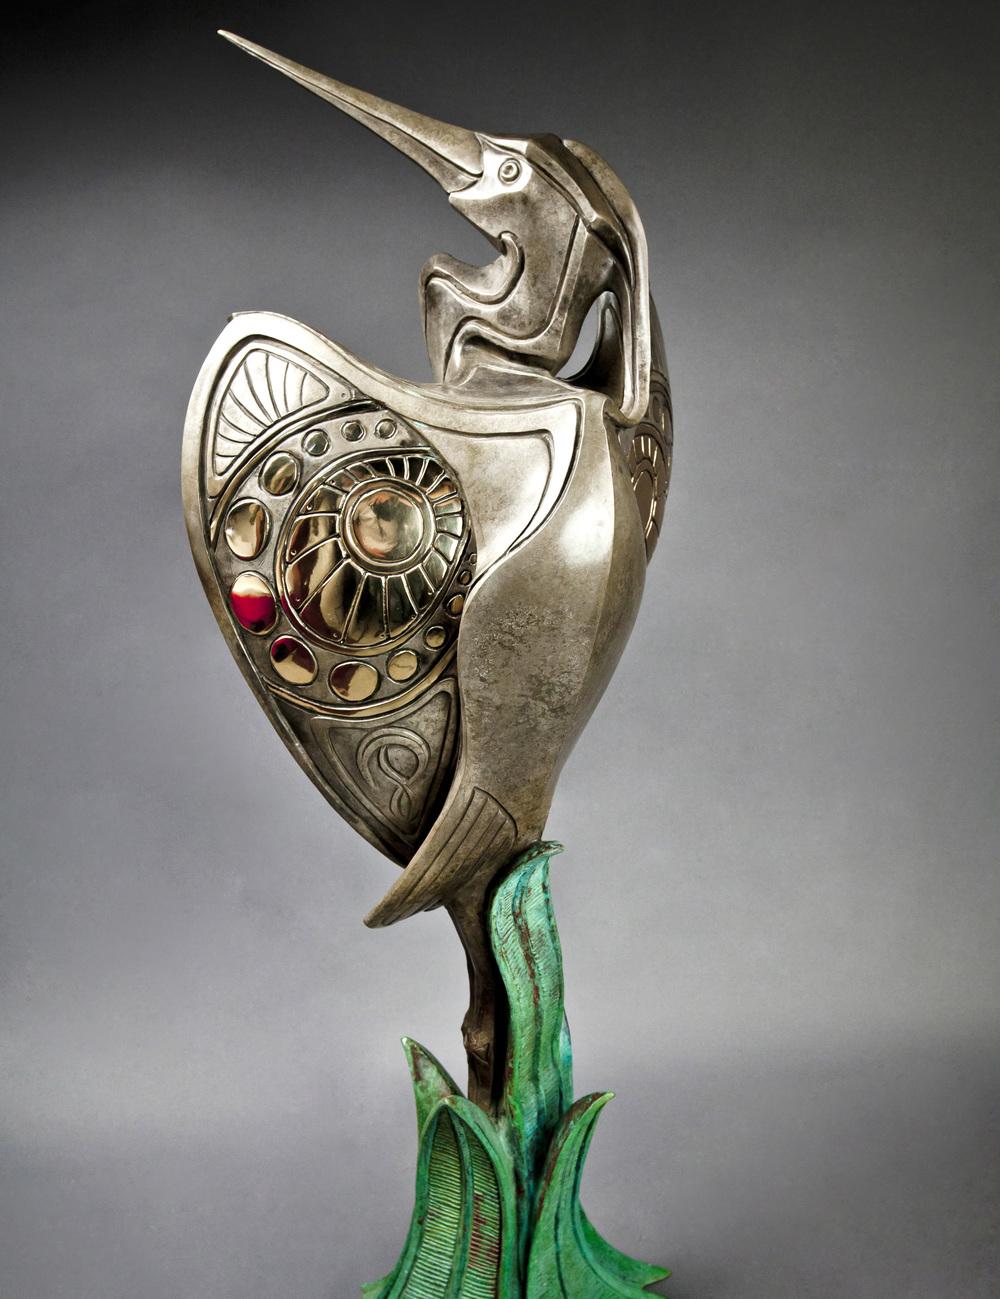 Bronze-Heron-by-John-Maisano-5.jpg